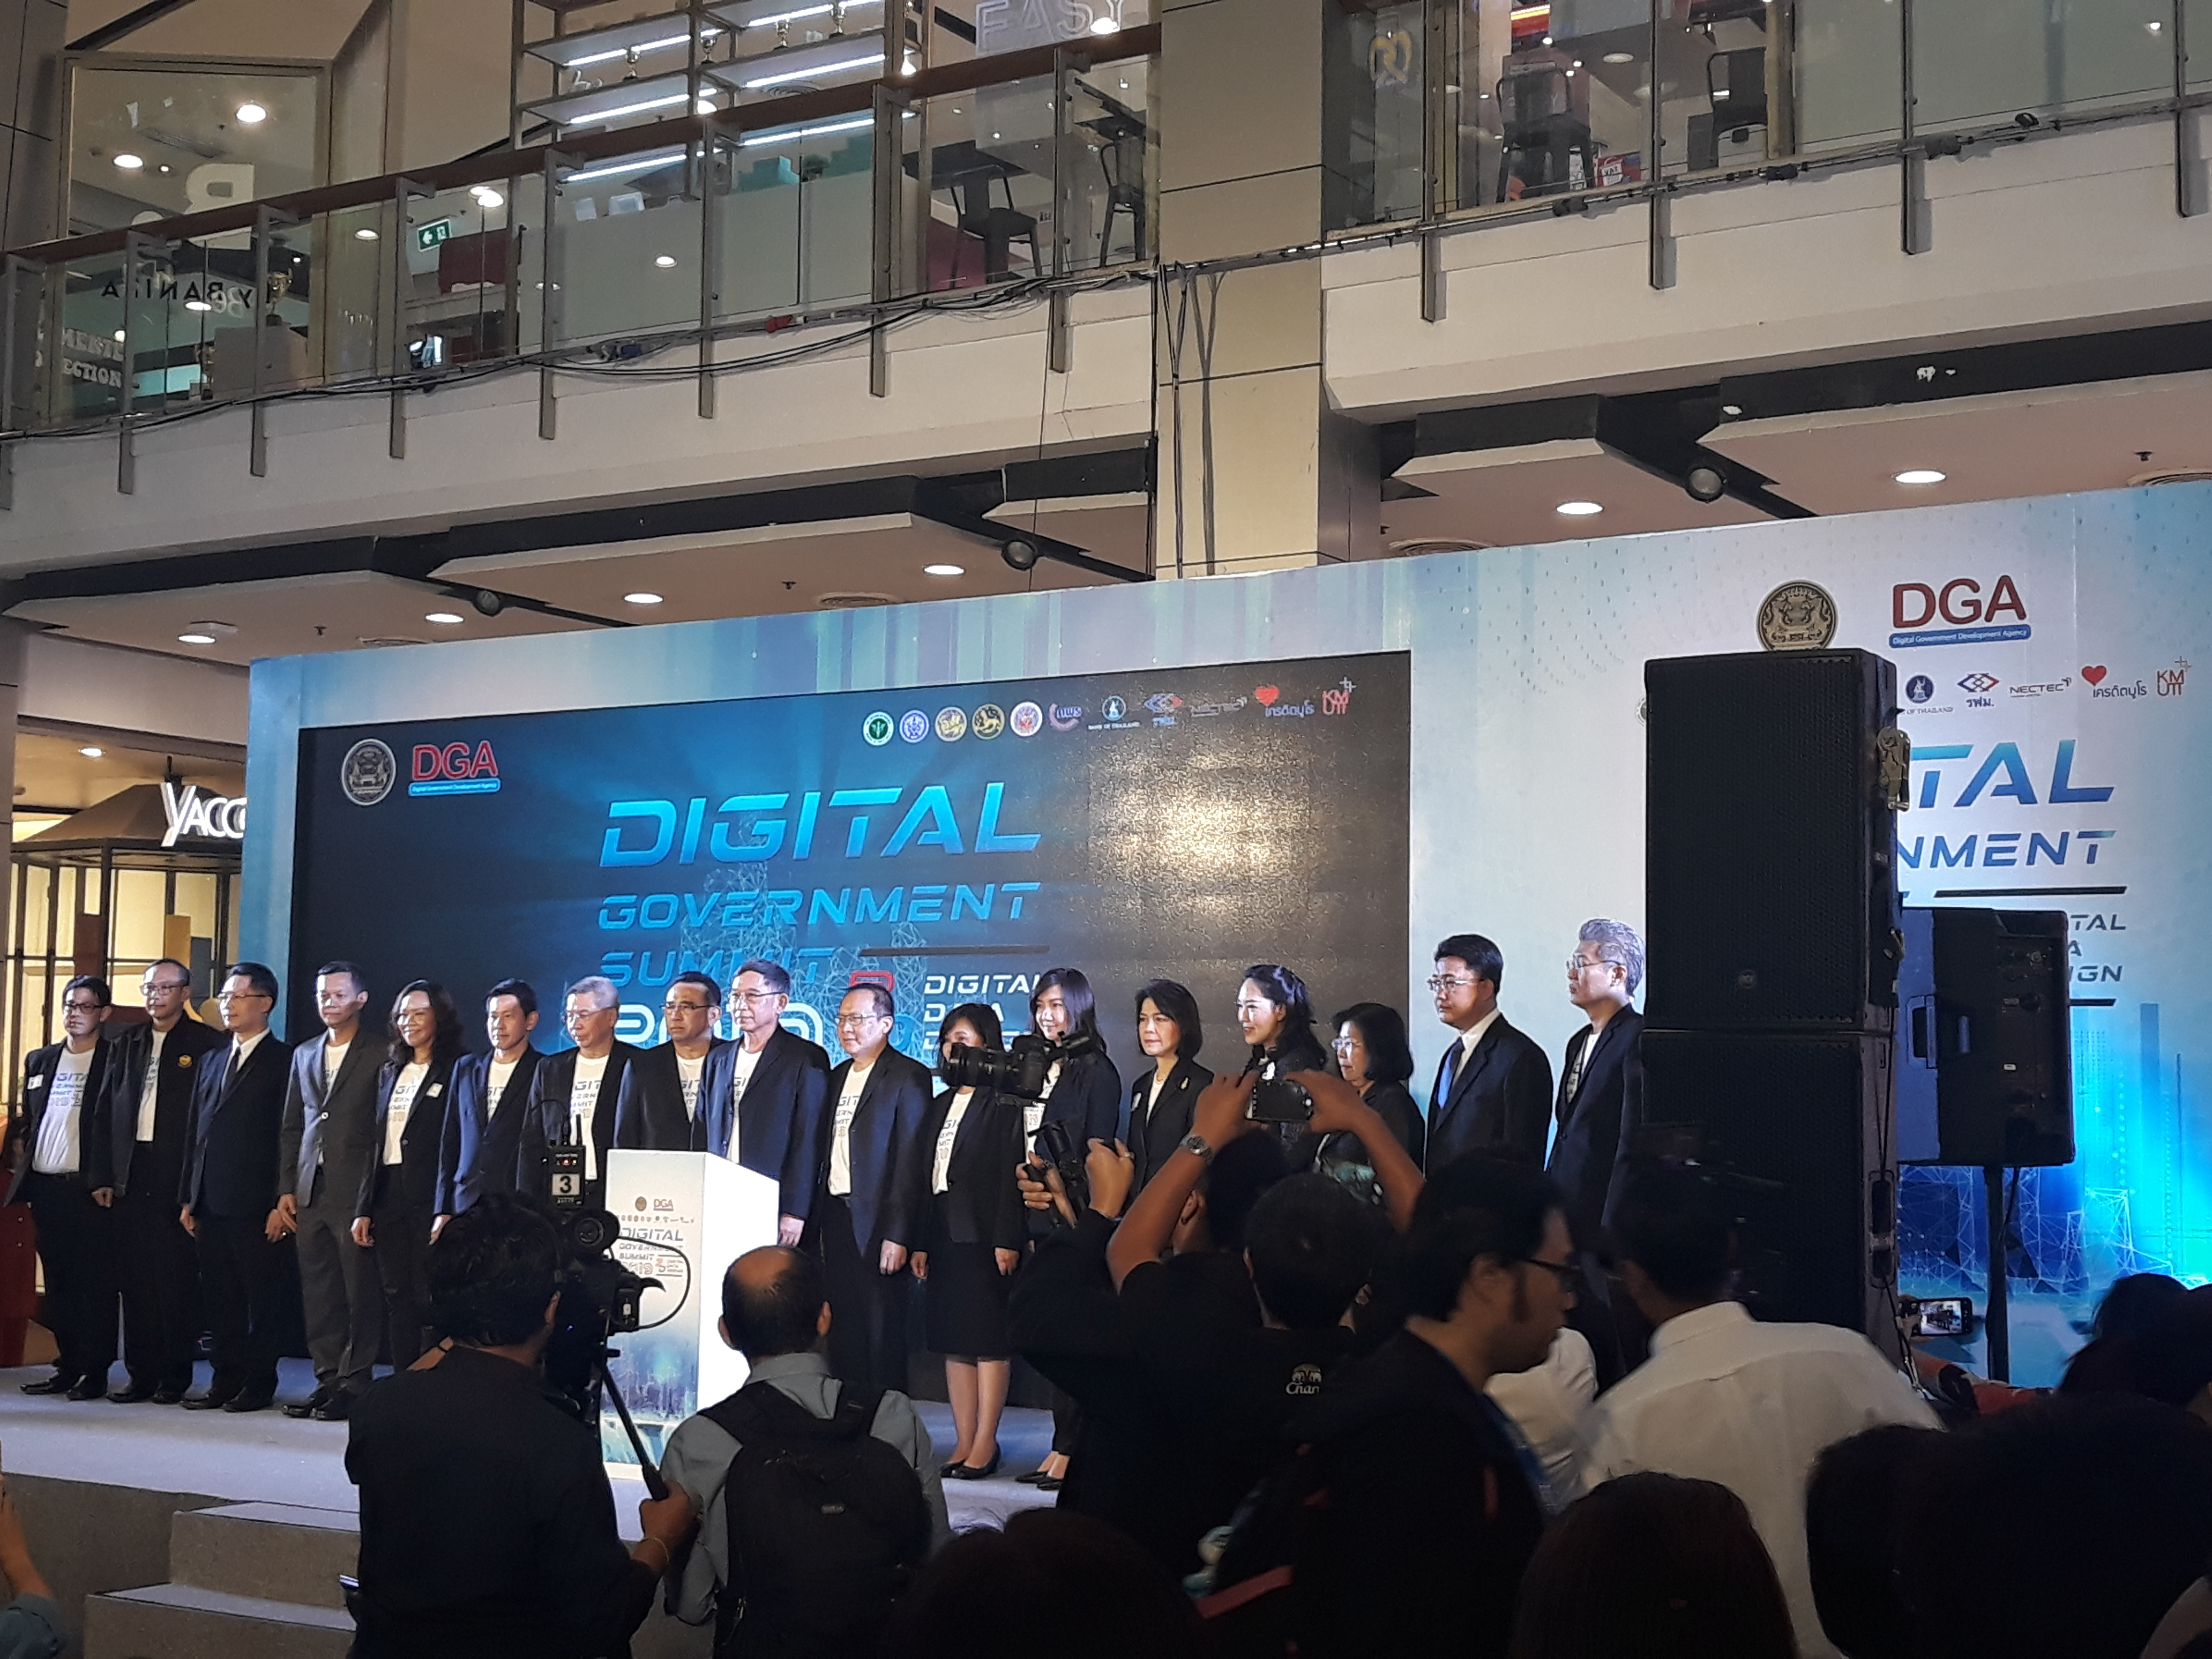 การเข้าร่วมเครือข่ายความร่วมมือและลงนามบันทึกข้อตกลงความร่วมมือ กับ สถาบันพัฒนาบุคลากรด้านดิจิทัลภาครัฐ (Thailand Digital Government Academy : TDGA)